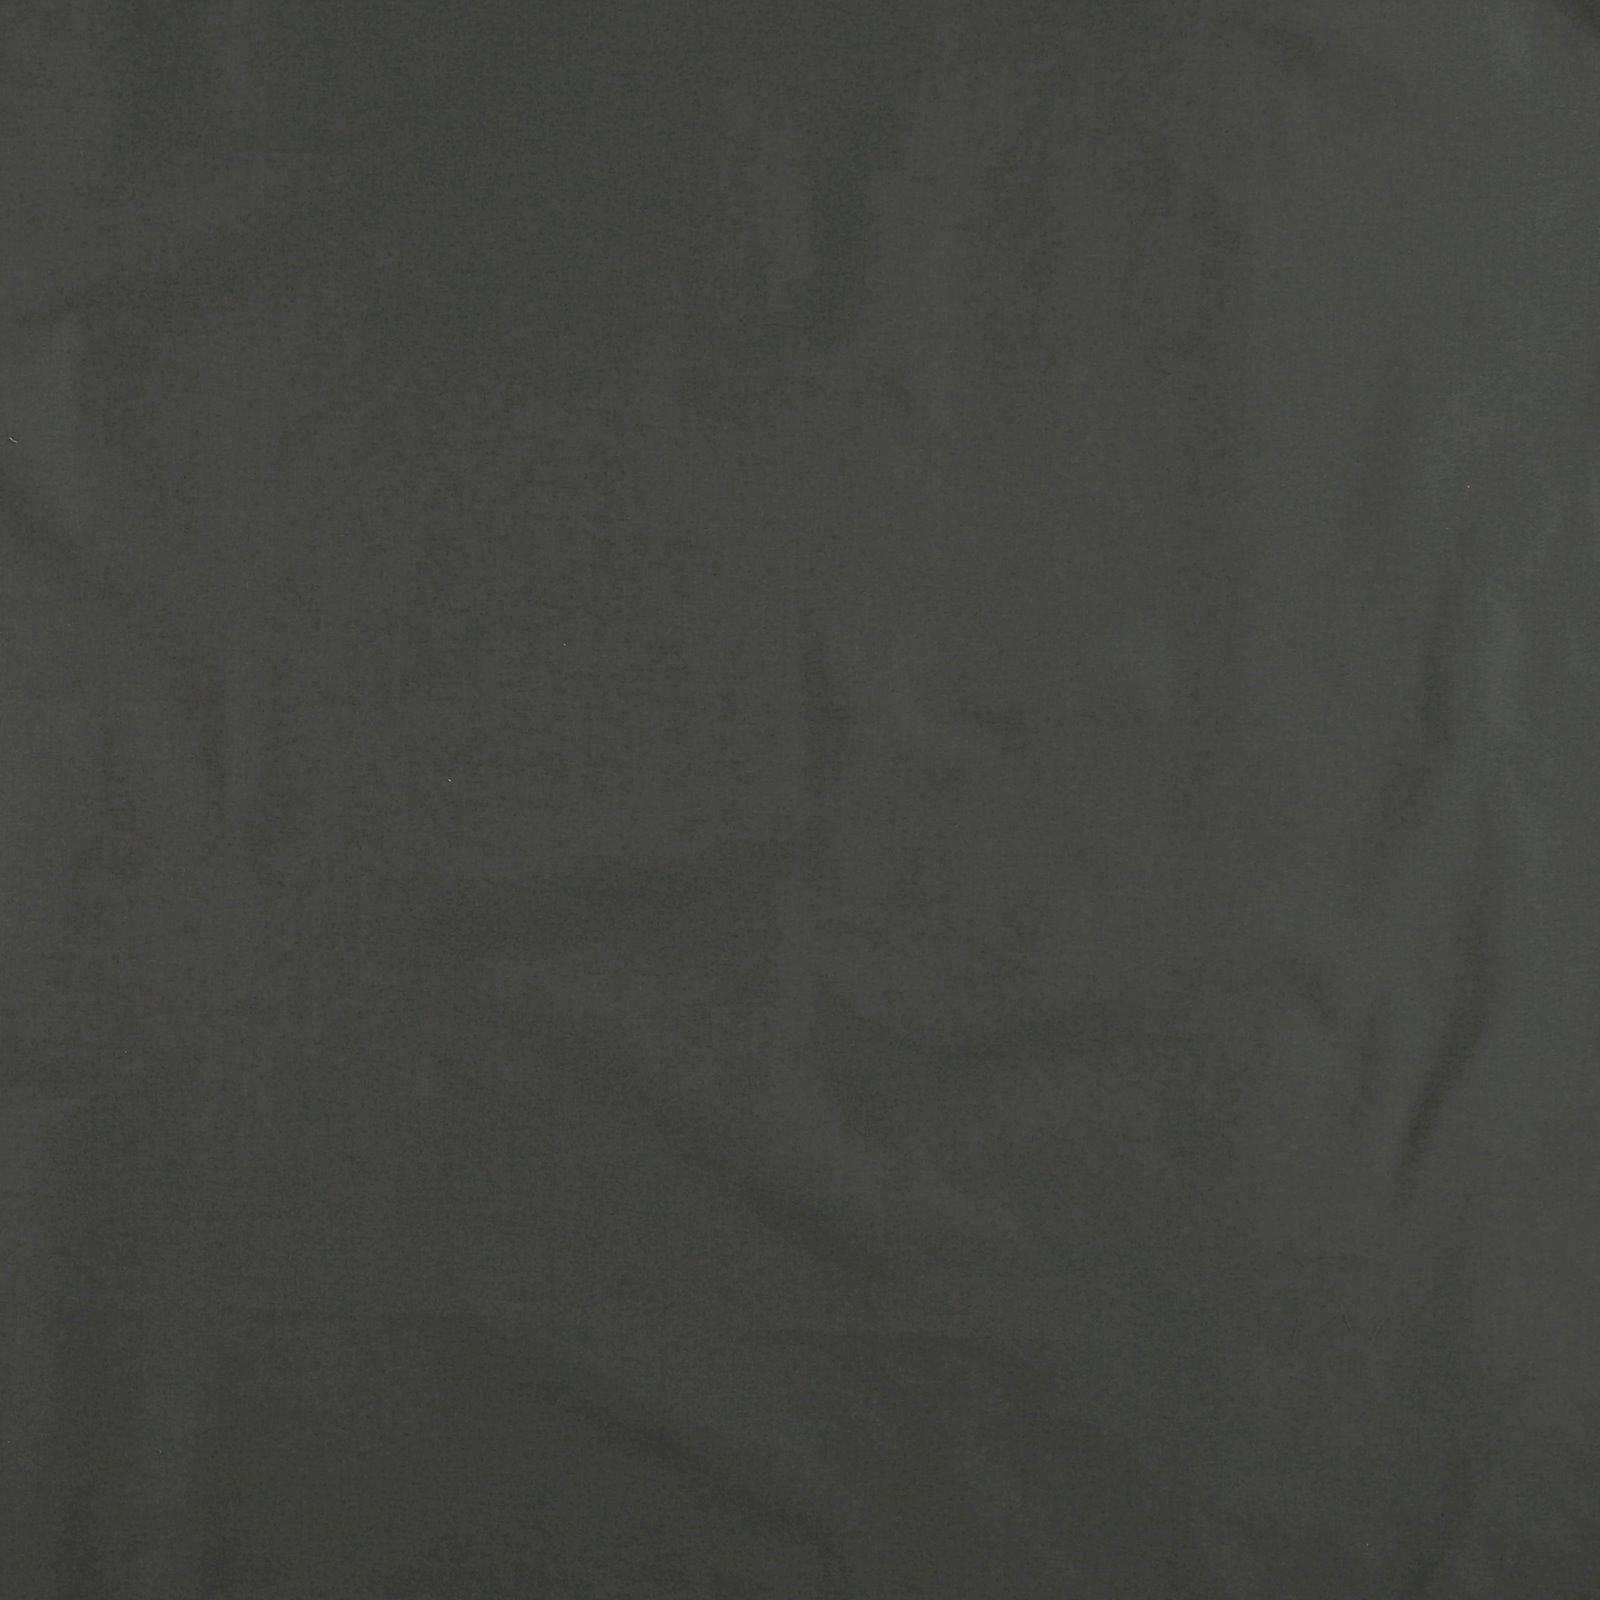 Luxury cotton dark warm grey 4327_pack_solid